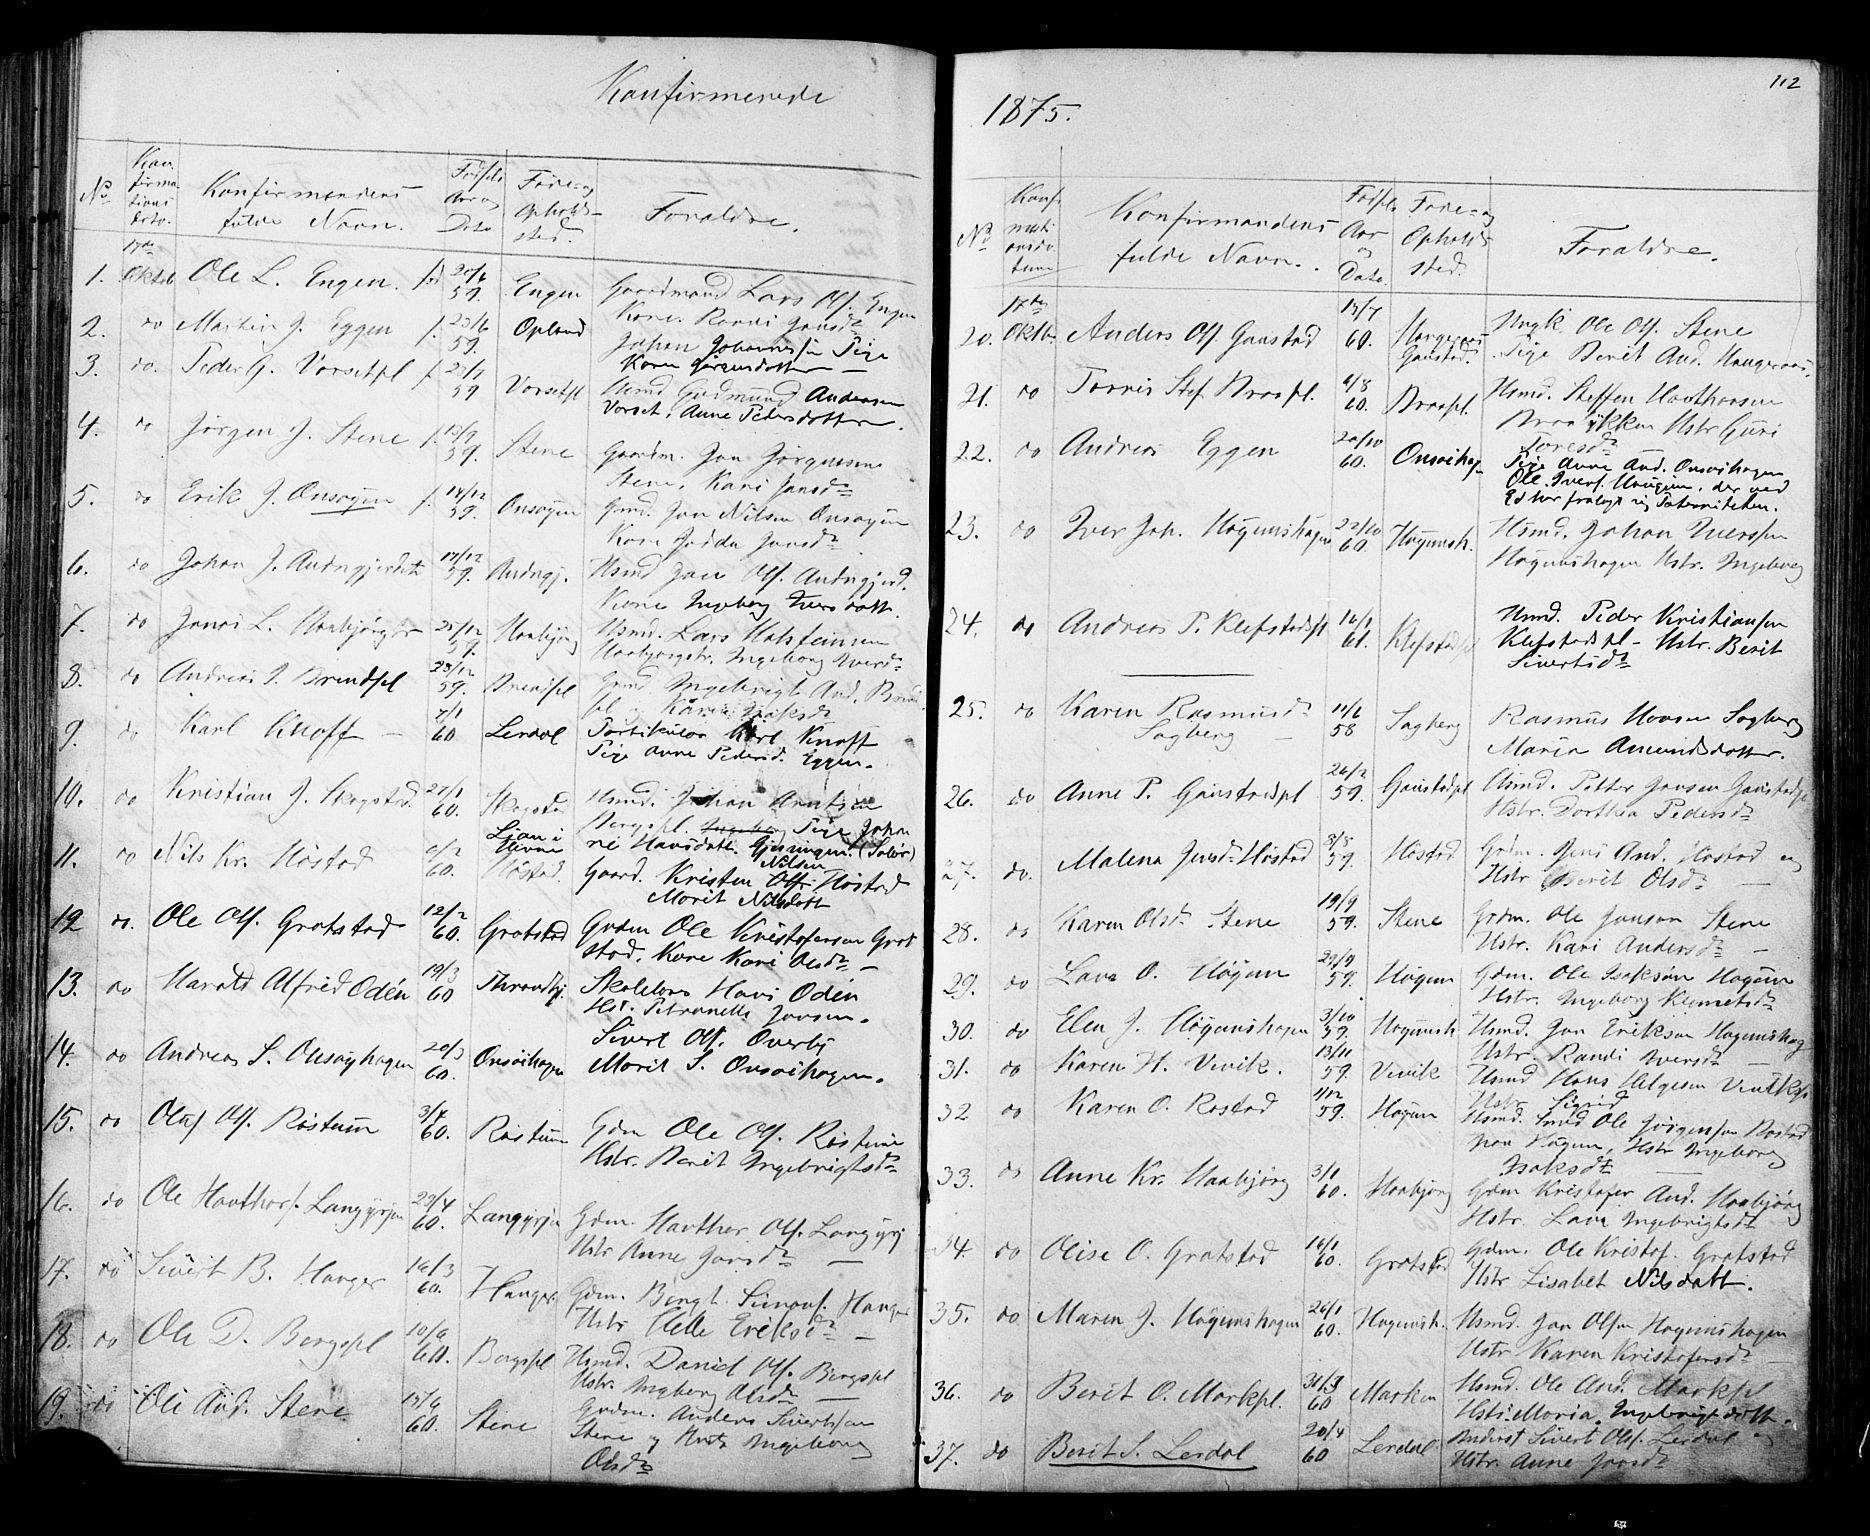 SAT, Ministerialprotokoller, klokkerbøker og fødselsregistre - Sør-Trøndelag, 612/L0387: Klokkerbok nr. 612C03, 1874-1908, s. 112